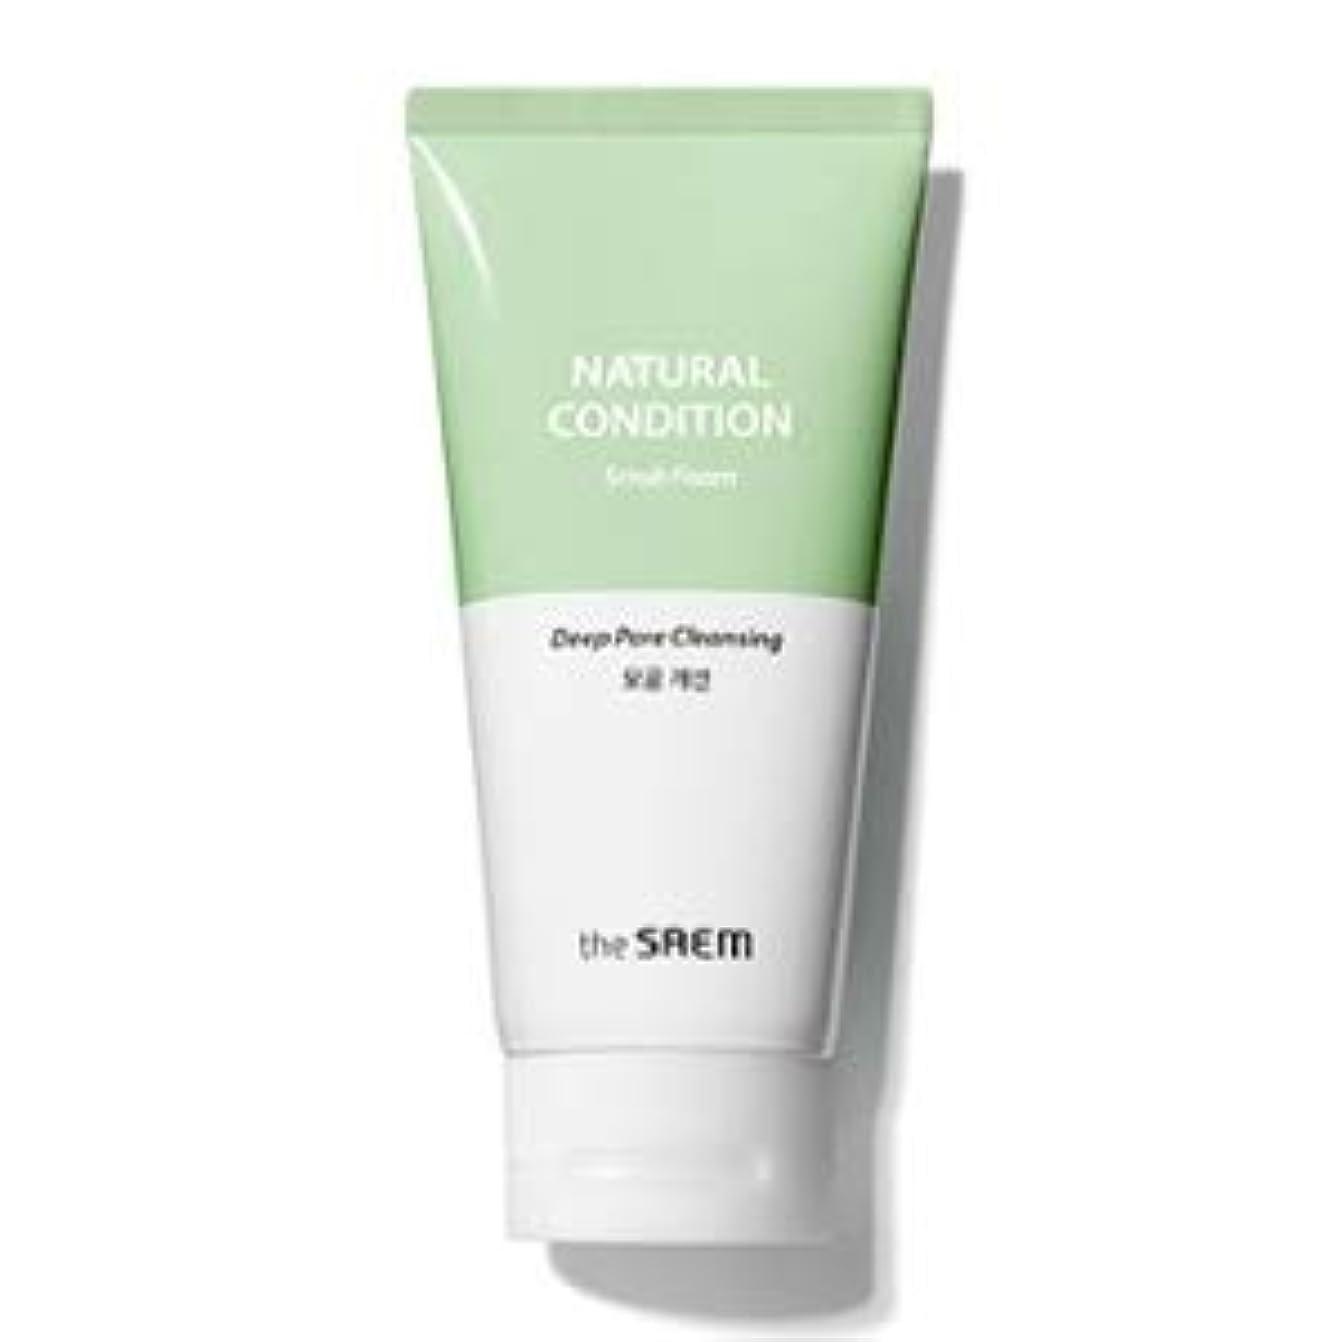 どちらか悪党ポットThe Saem Natural Condition Scrub Foam [Deep pore cleansing] (R)/ ザセム ナチュラルコンディションスクラブフォーム[毛穴改善] (R) [並行輸入品]